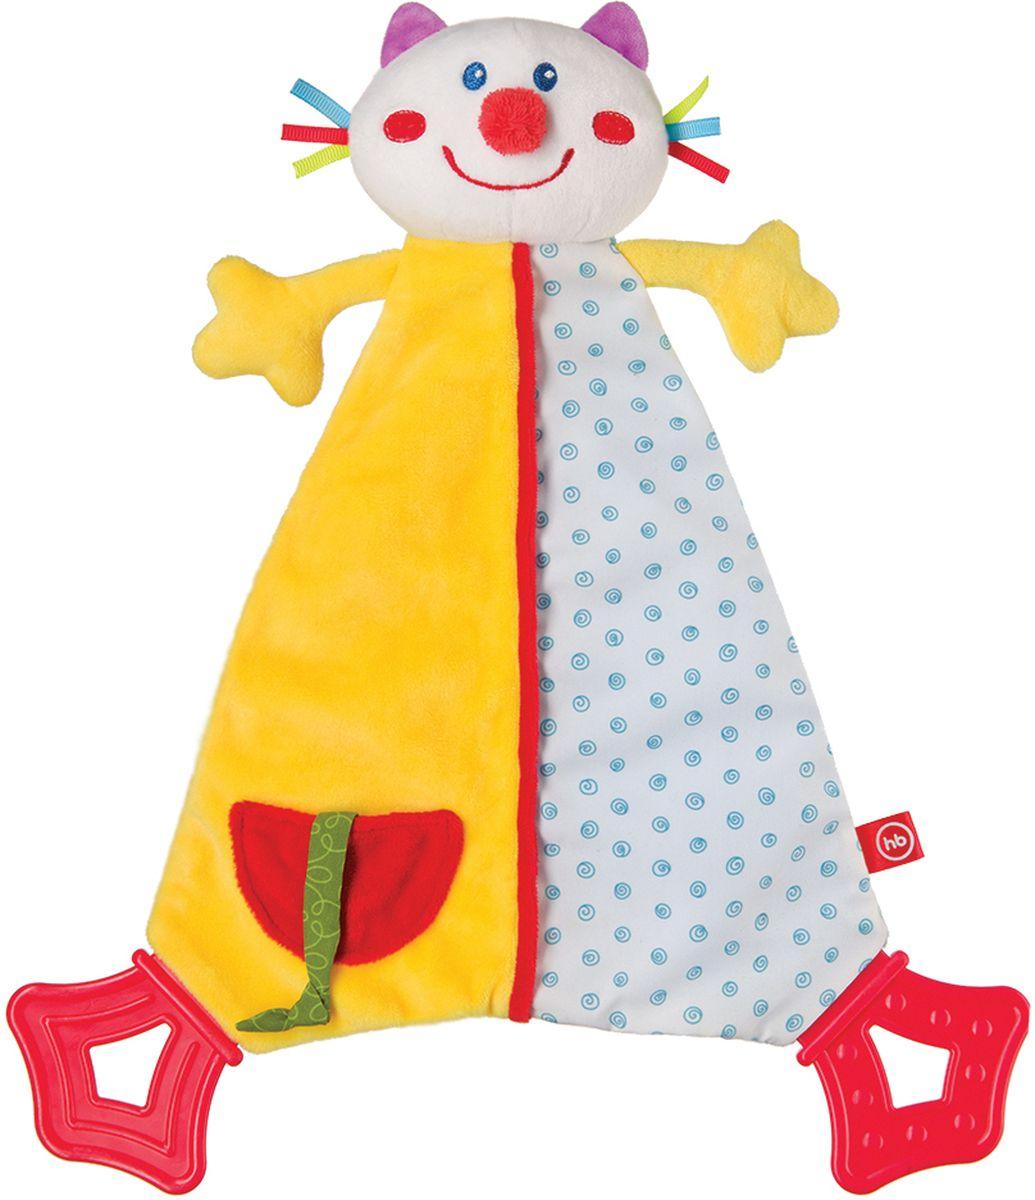 Happy Baby Развивающая игрушка Платок Dreamy Kitty happy baby happy baby развивающая игрушка руль rudder со светом и звуком